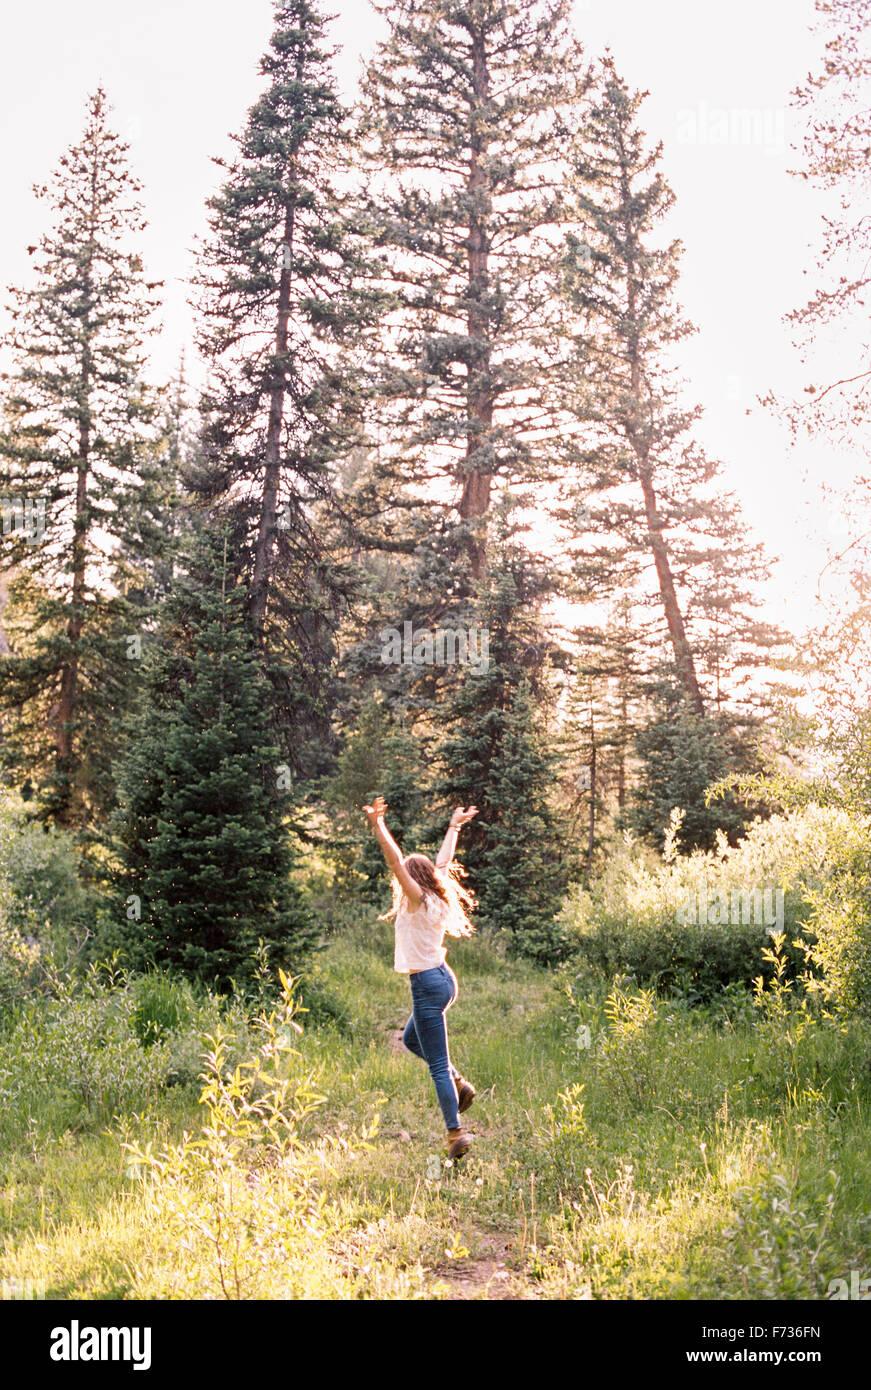 Donna salta con gioia in una foresta soleggiata. Immagini Stock